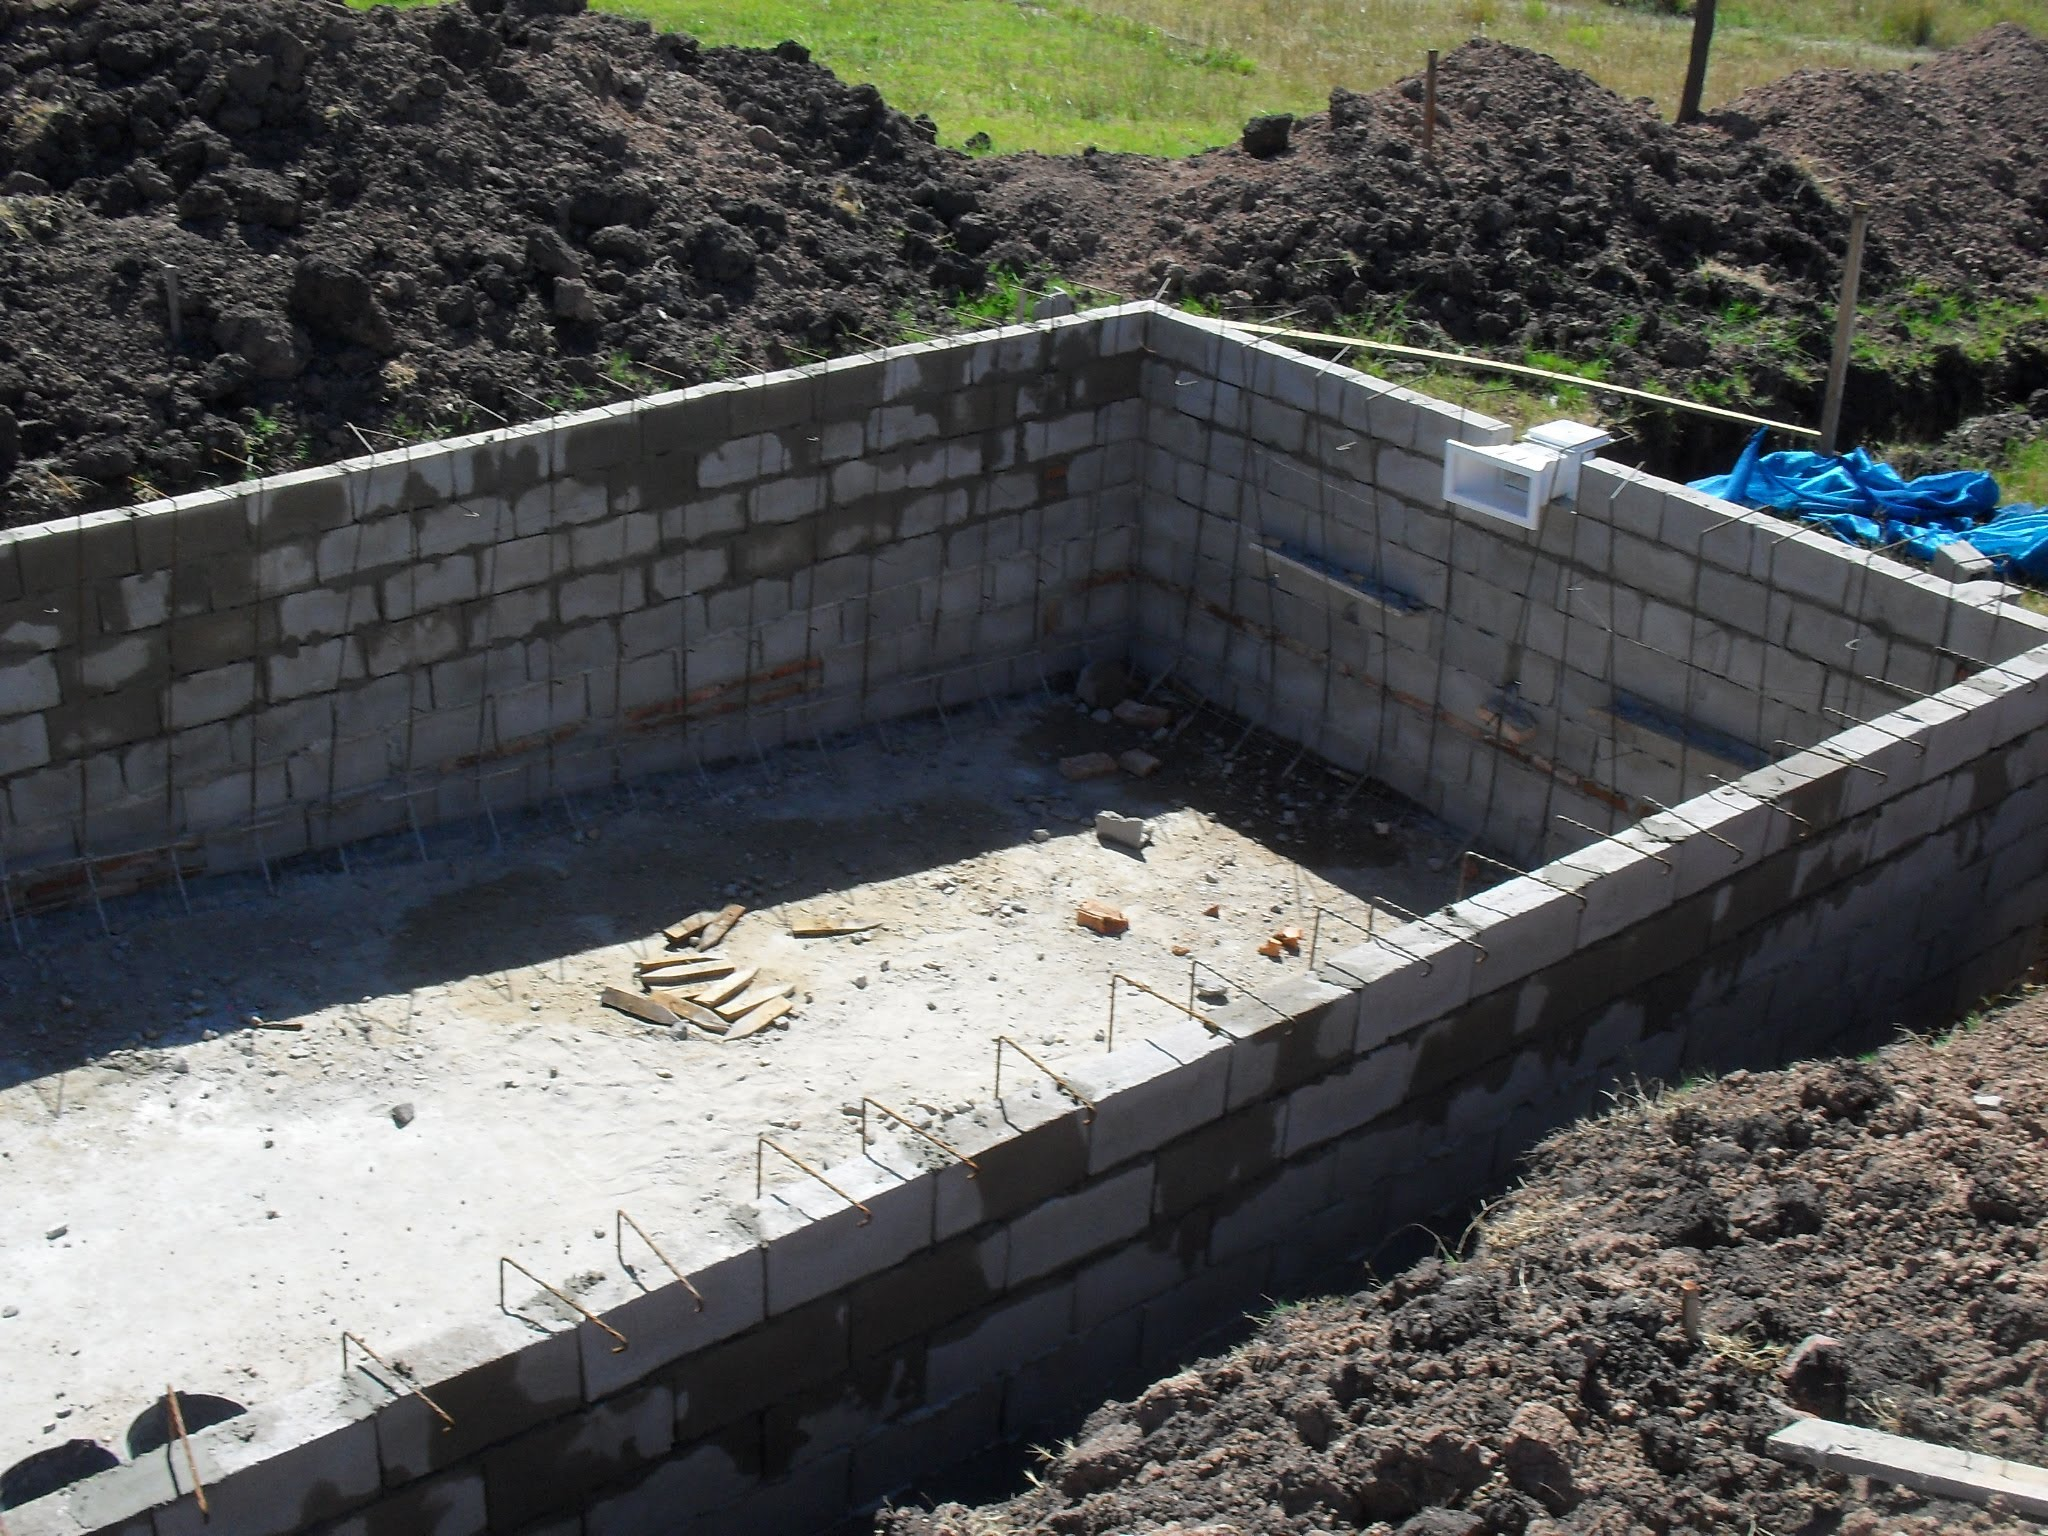 como hacer una piscina de cemento paso a paso sencillo